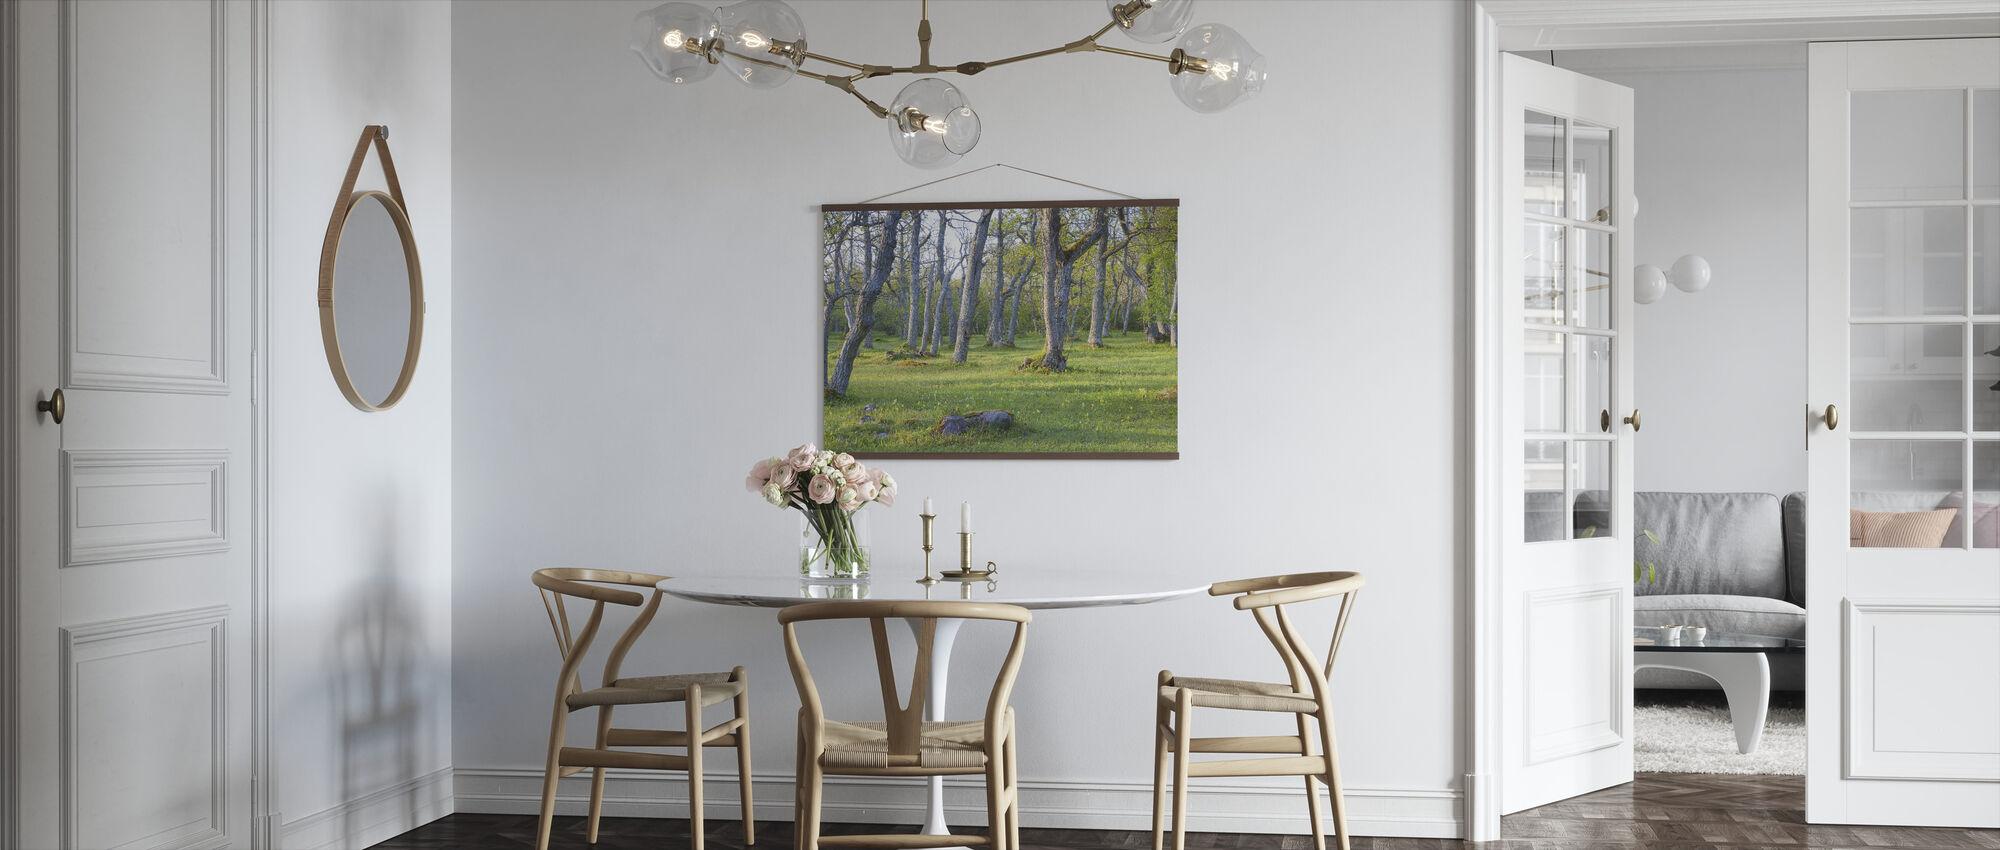 Eng - Plakat - Kjøkken